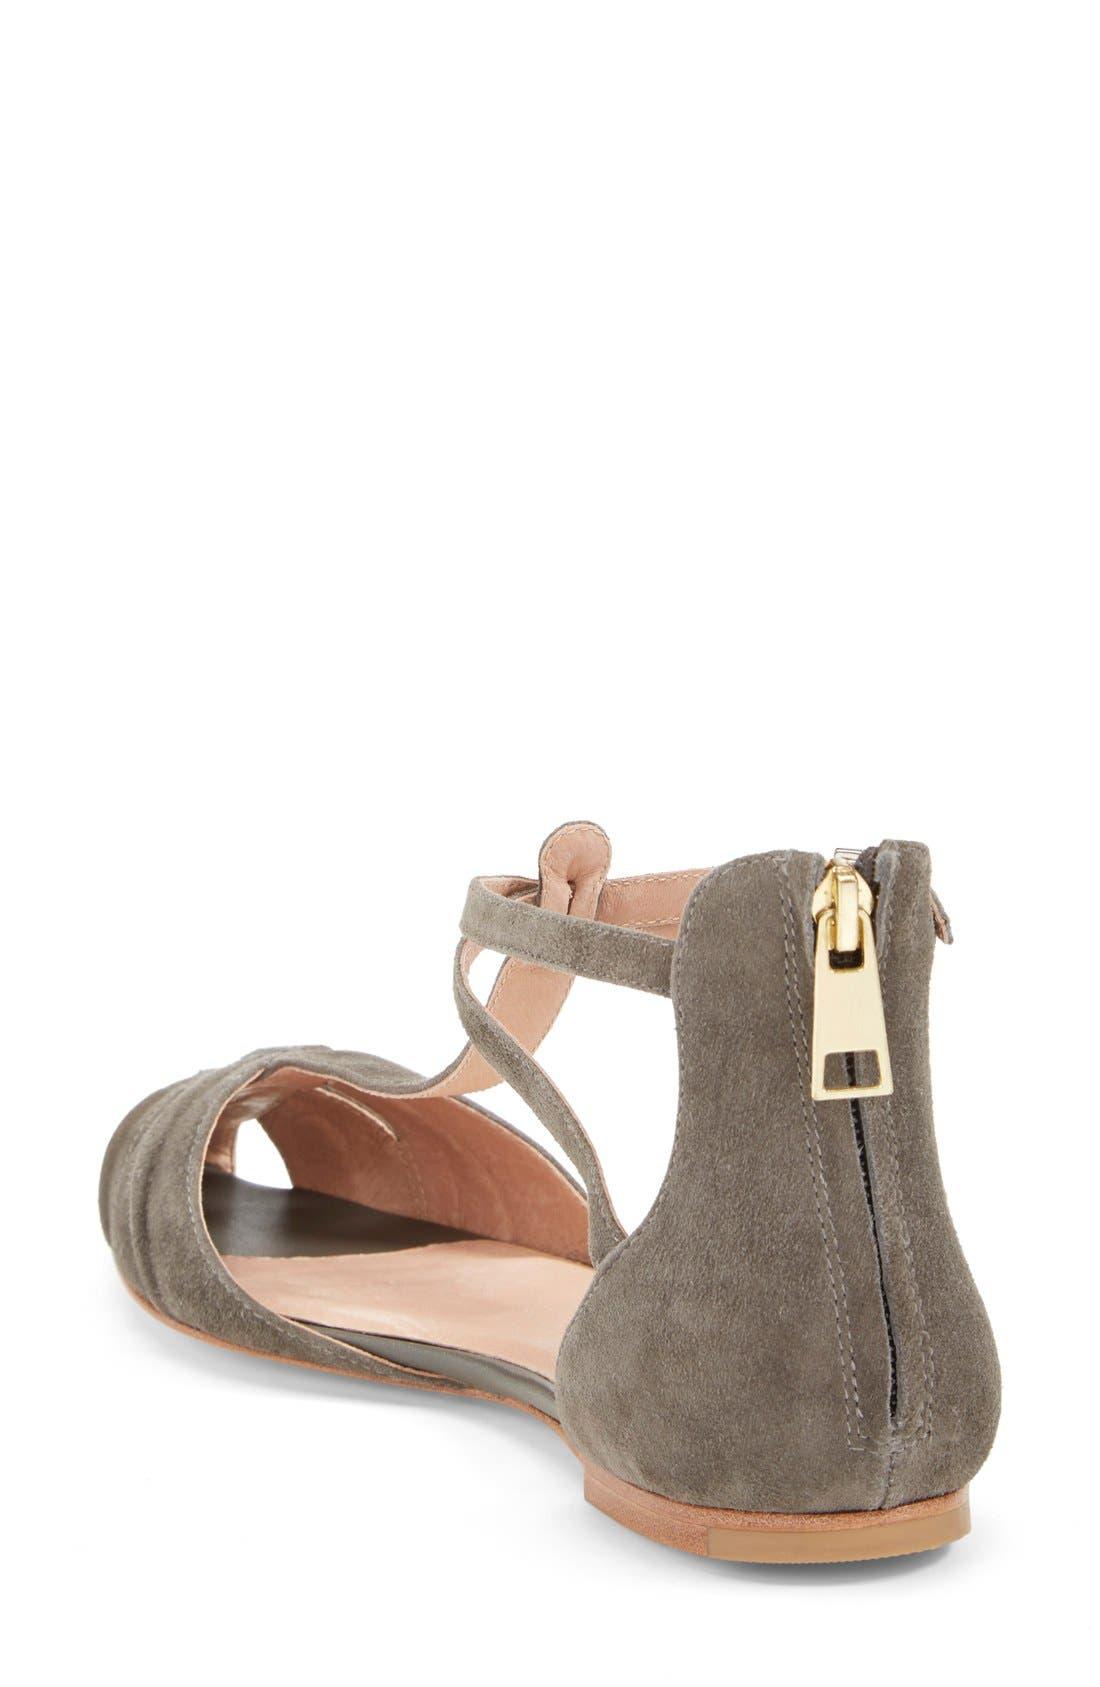 Alternate Image 2  - Joie 'Agnes' T-Strap Sandal (Women)